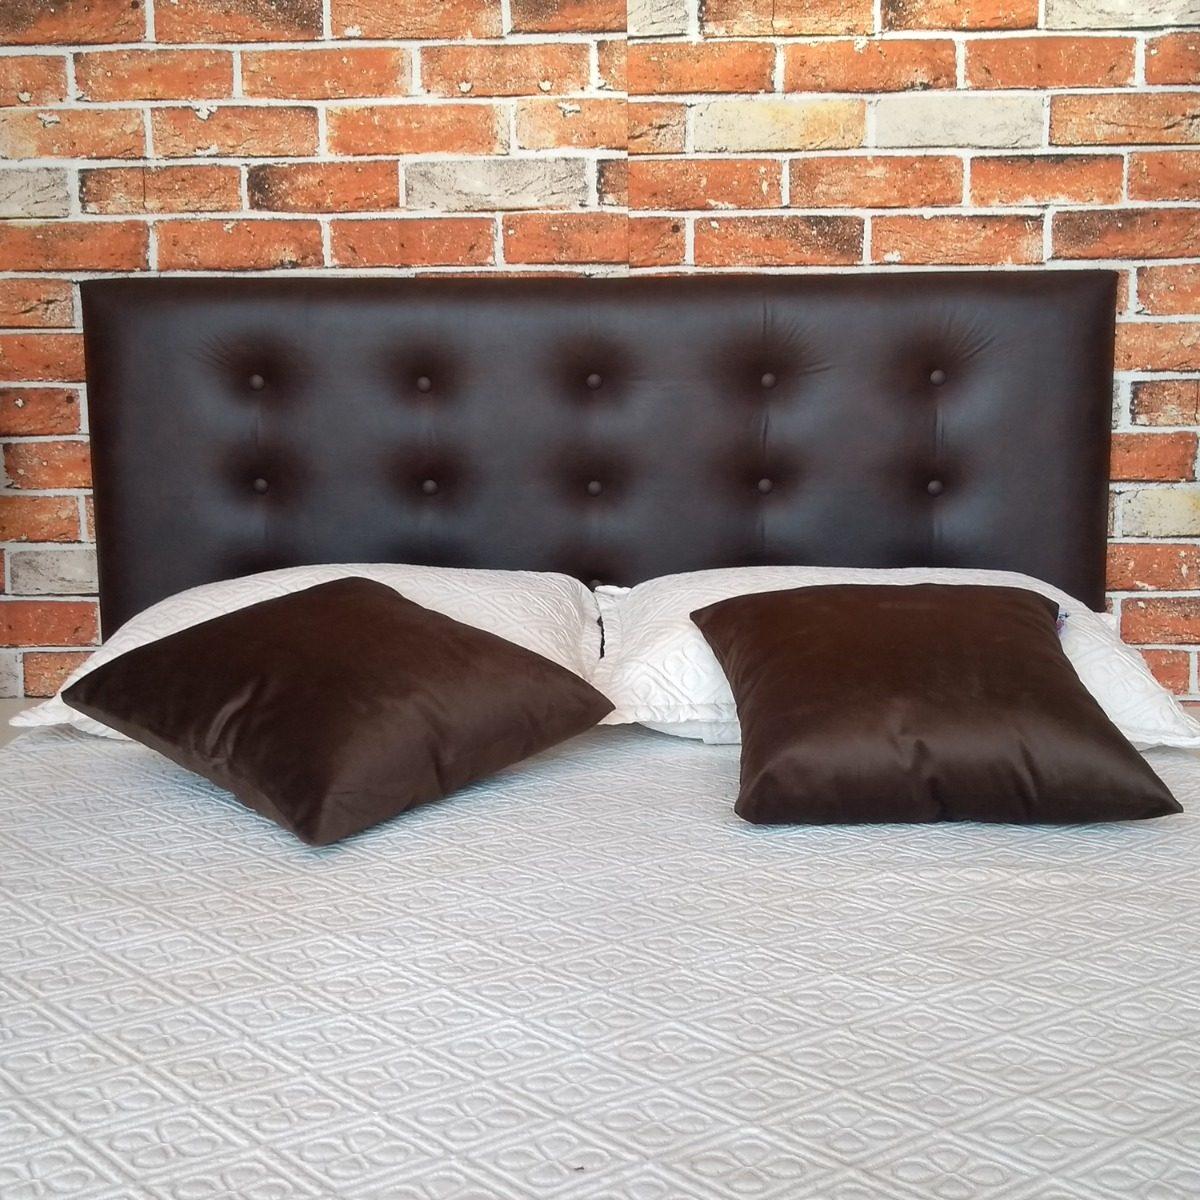 ed15036a3 cabeceira painel cama box casal frete grátis  140x60 rbl. Carregando zoom.